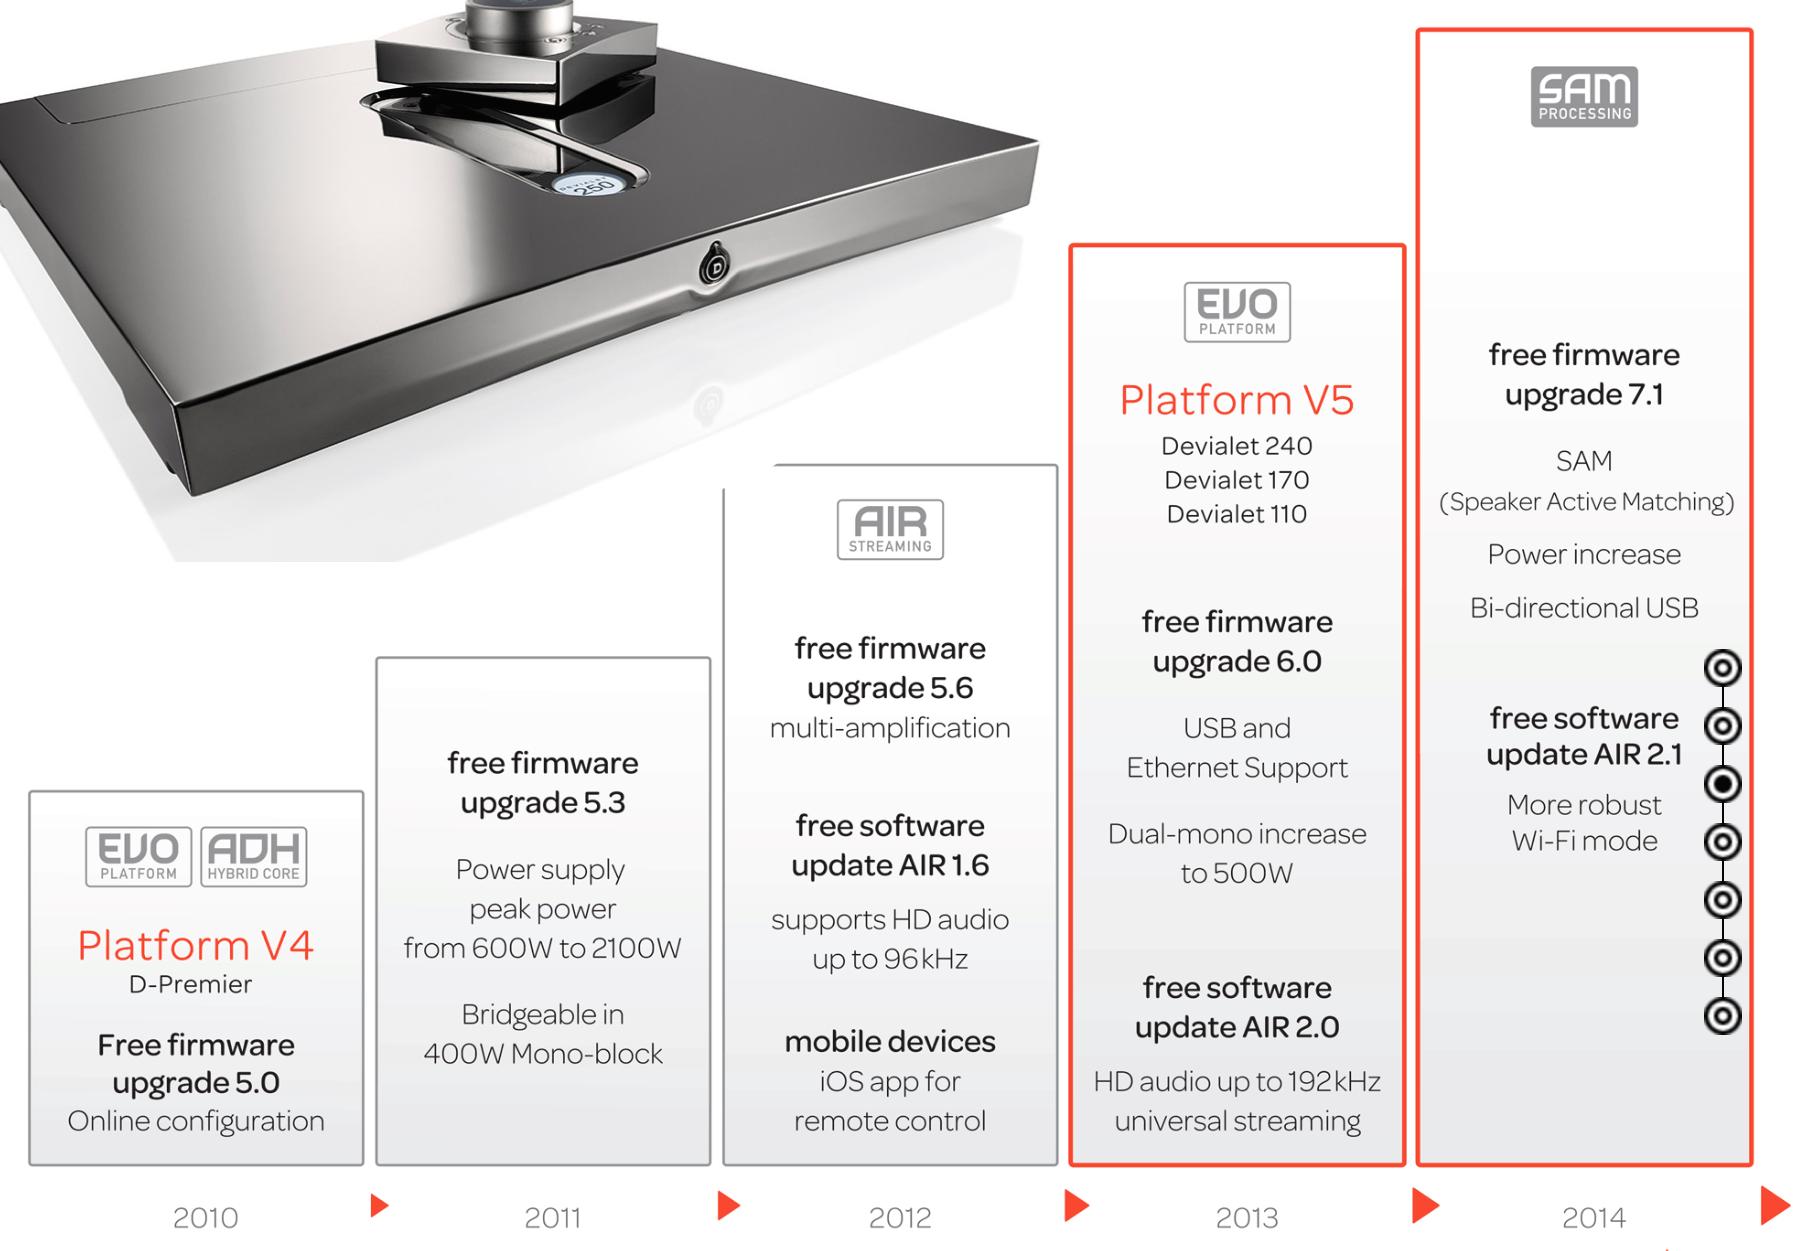 EVO platform